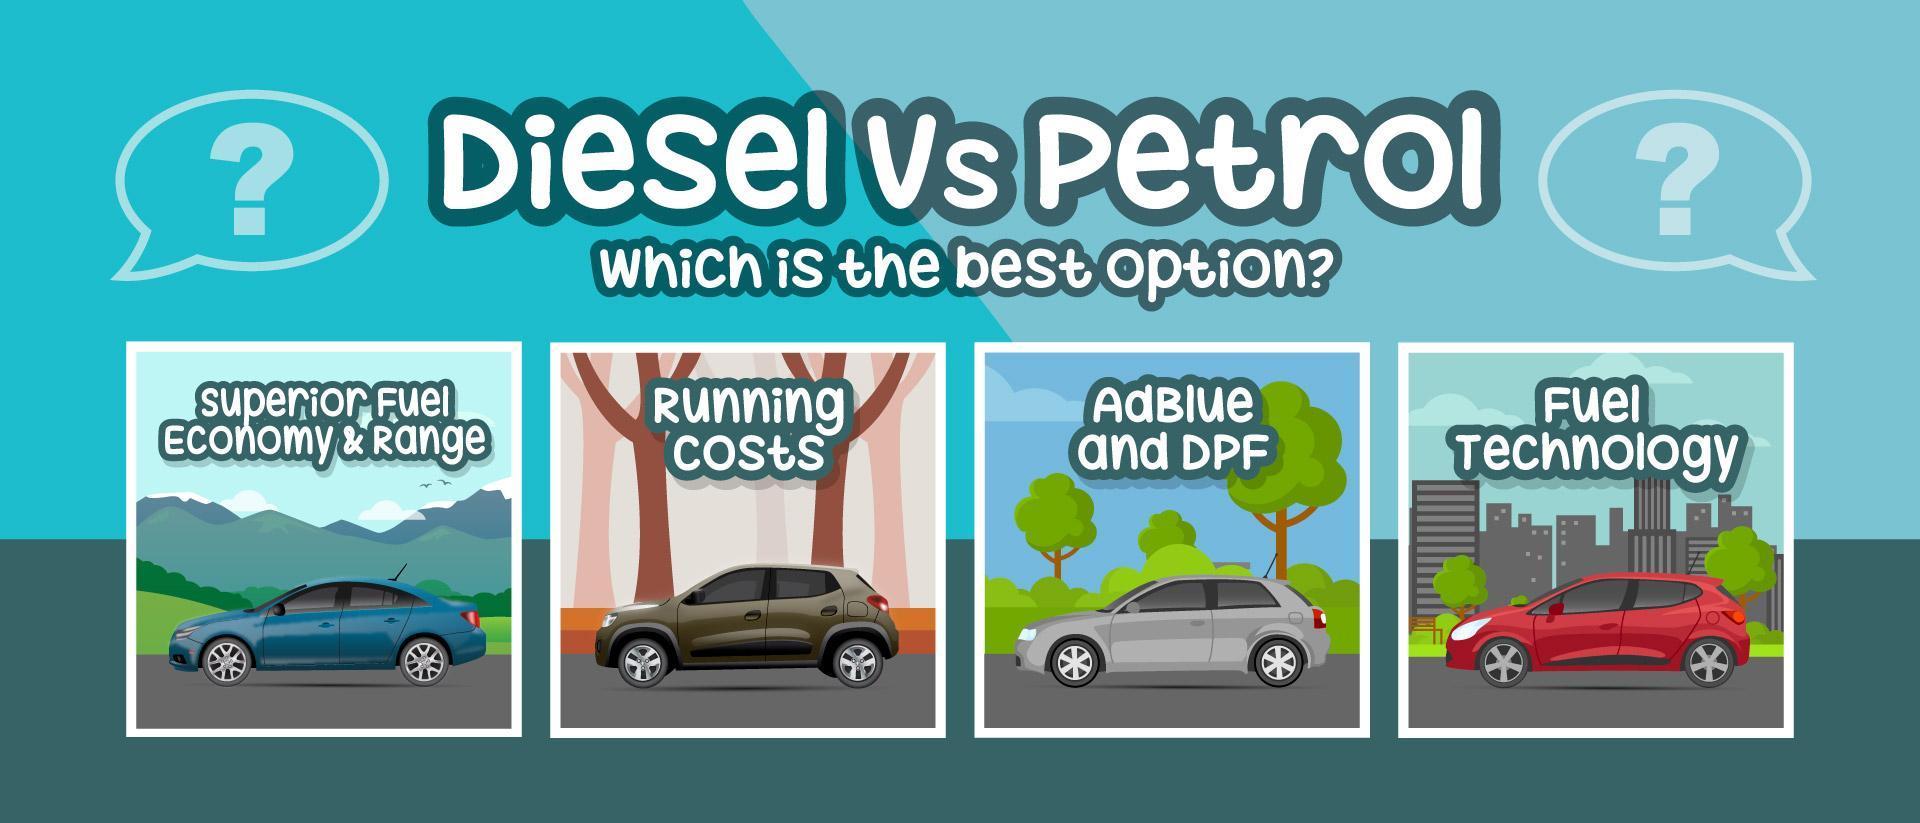 Diesel Vs Petrol